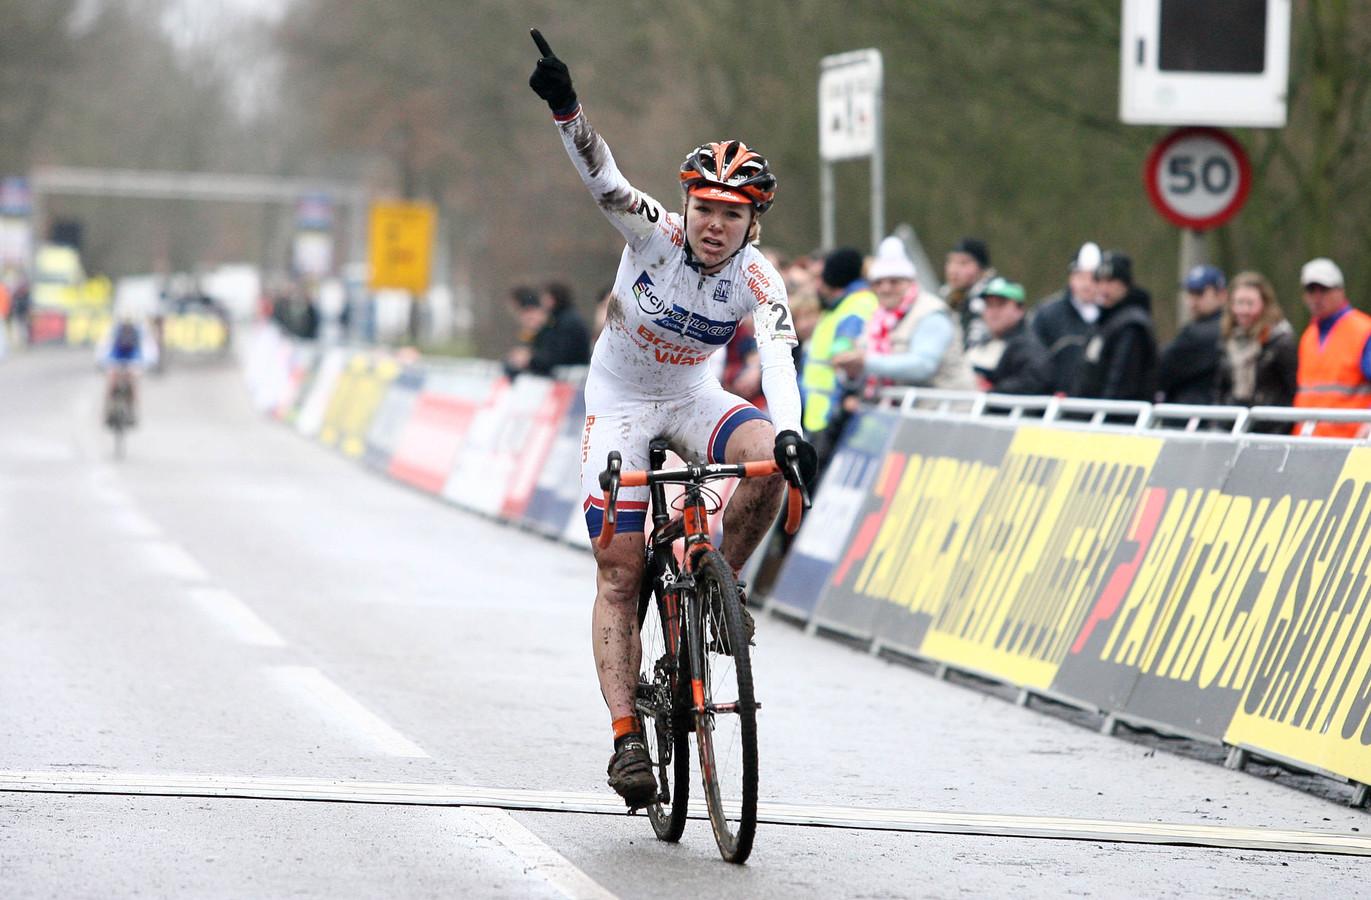 Sanne van Paassen wint de Wereldbeker 2010-2011 voor Vrouwen